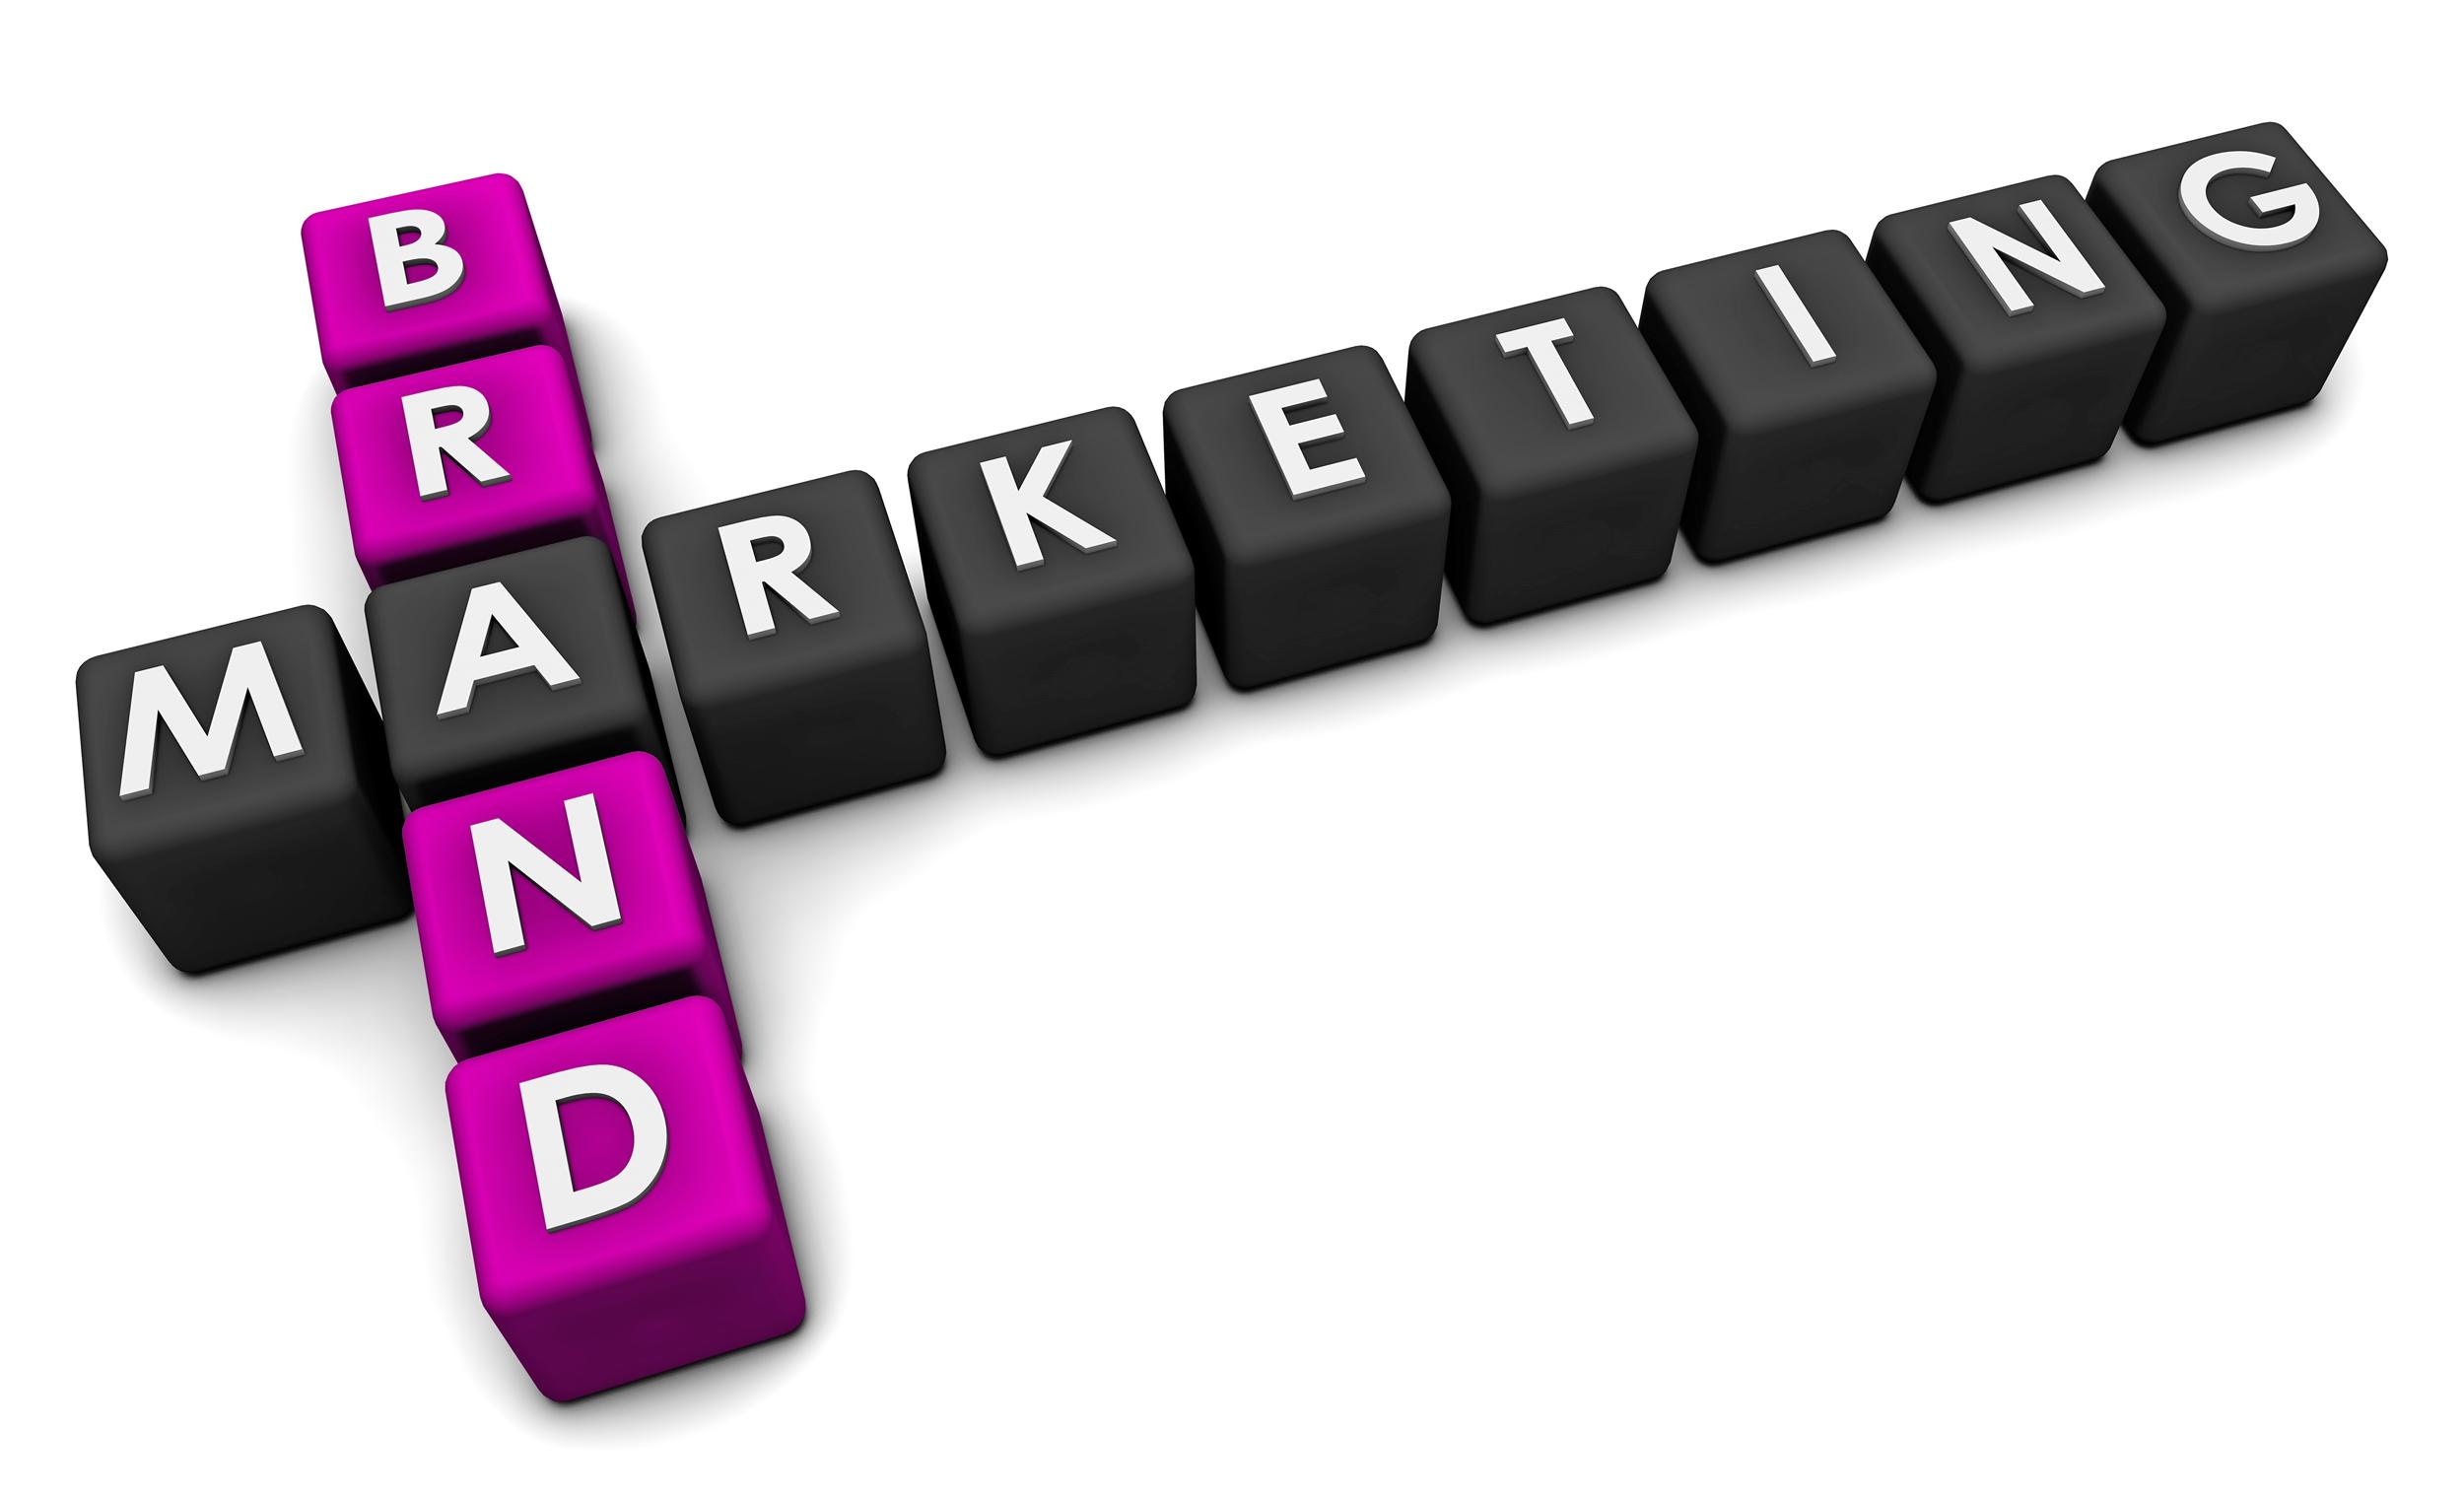 Marketing-and-branding.jpg